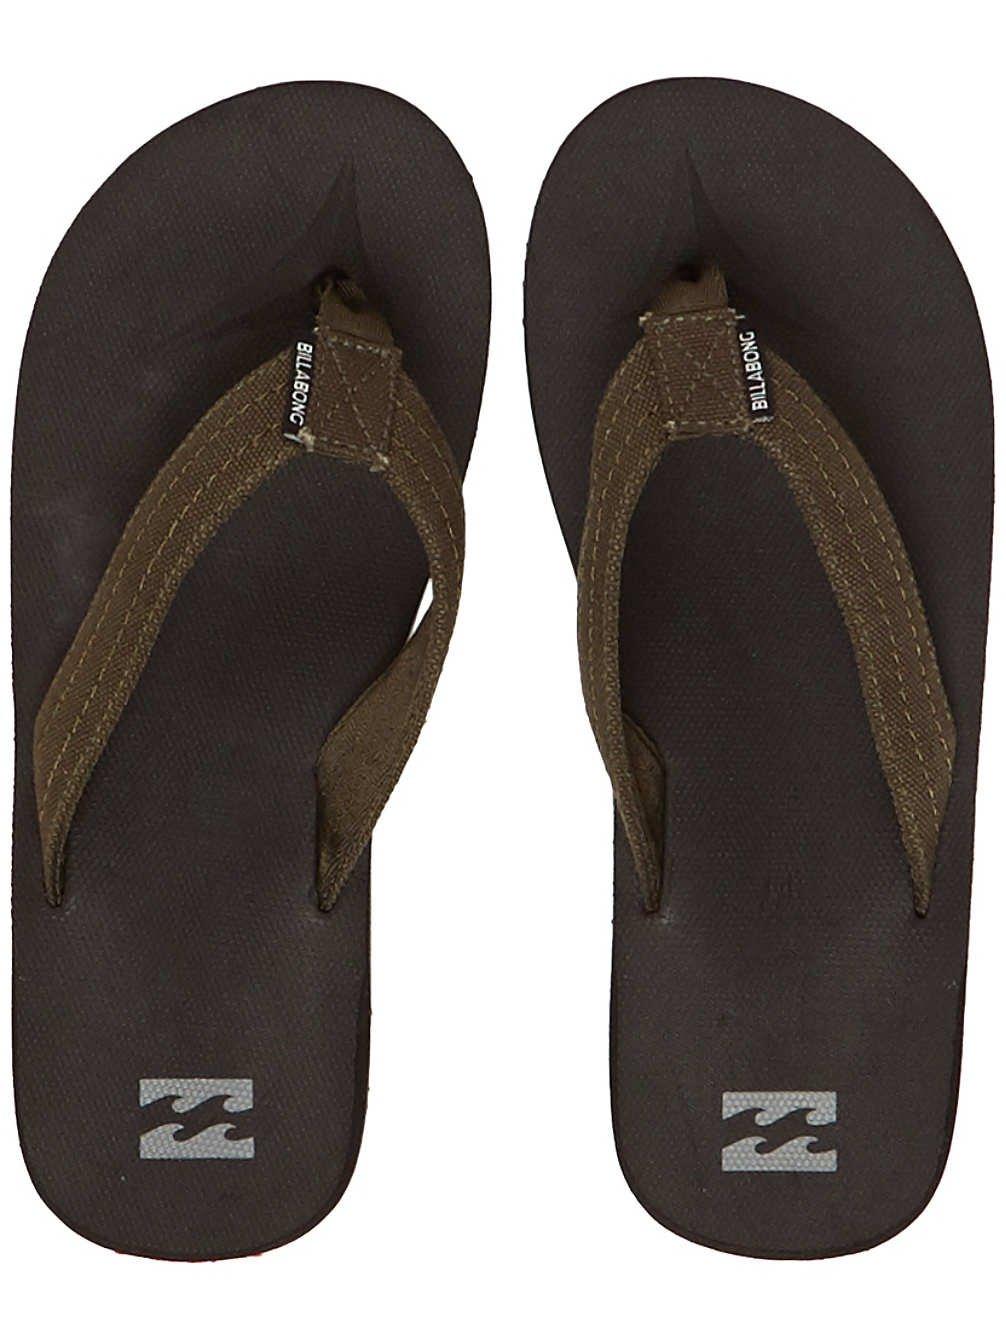 Billabong Herren Sandalen All Day Impact Canva Sandals yeoQQro